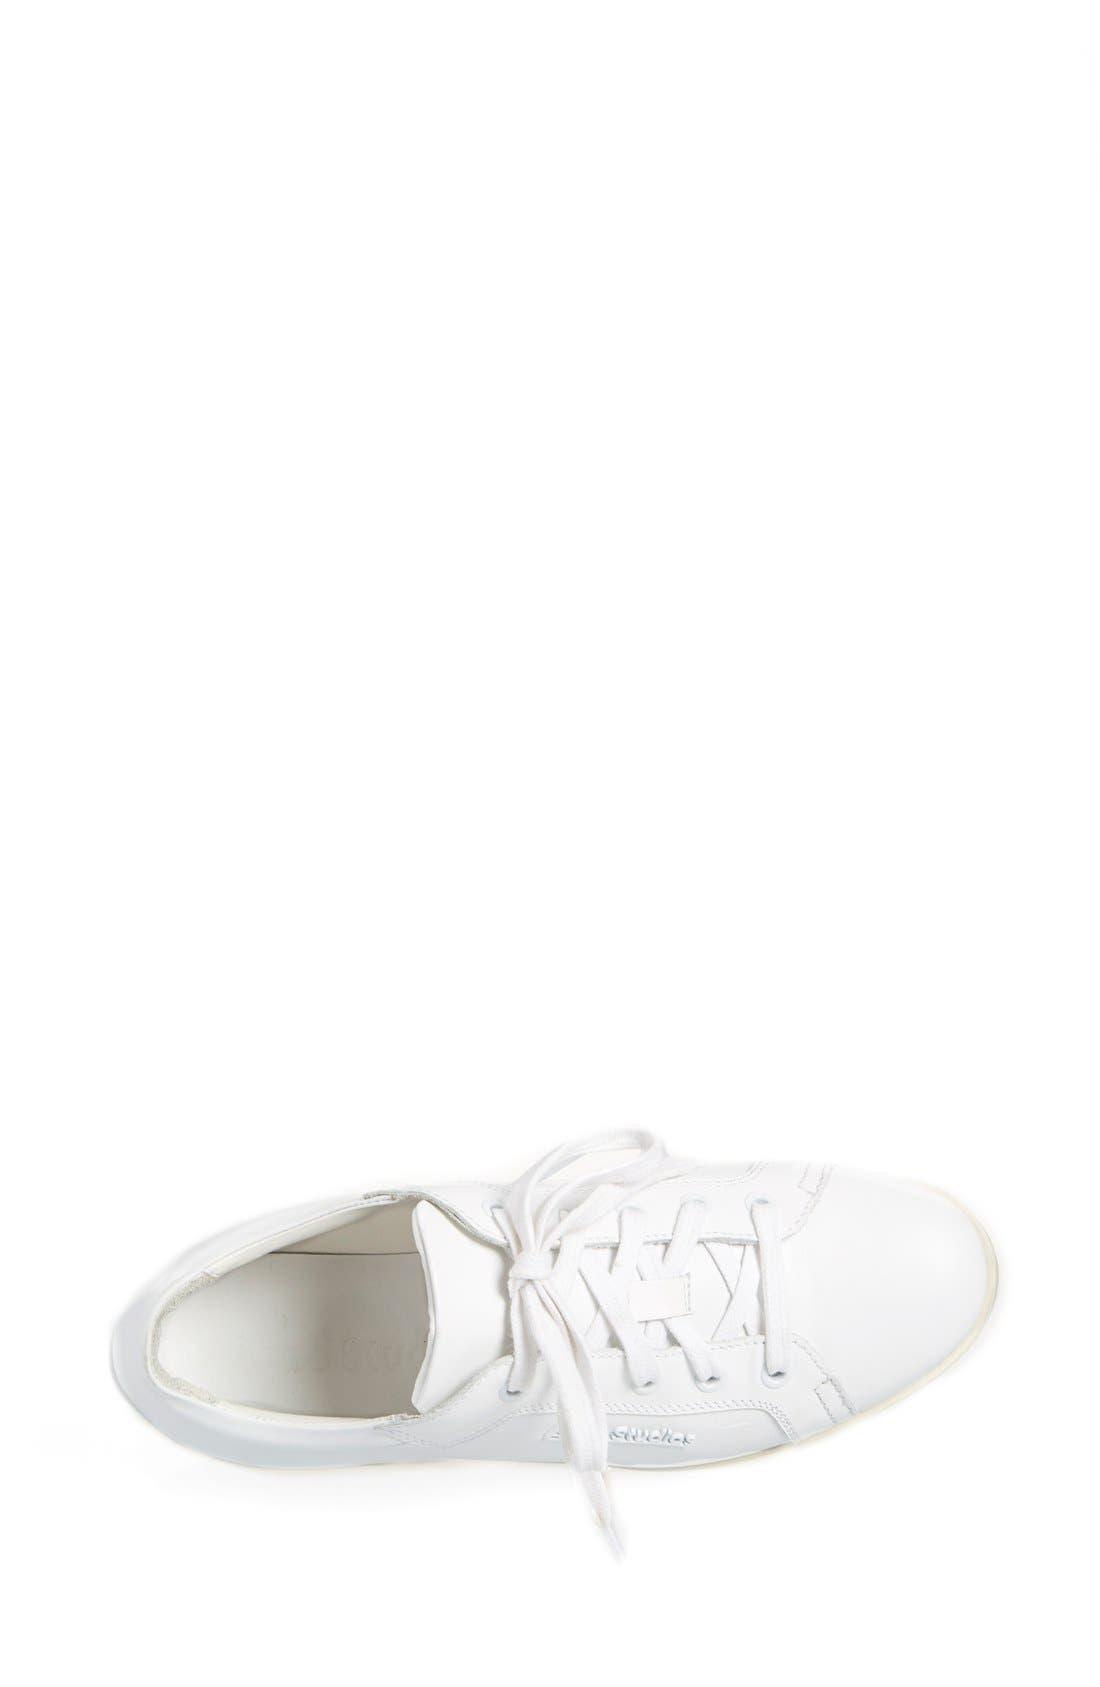 Kobe Platform Sneaker,                             Alternate thumbnail 2, color,                             100